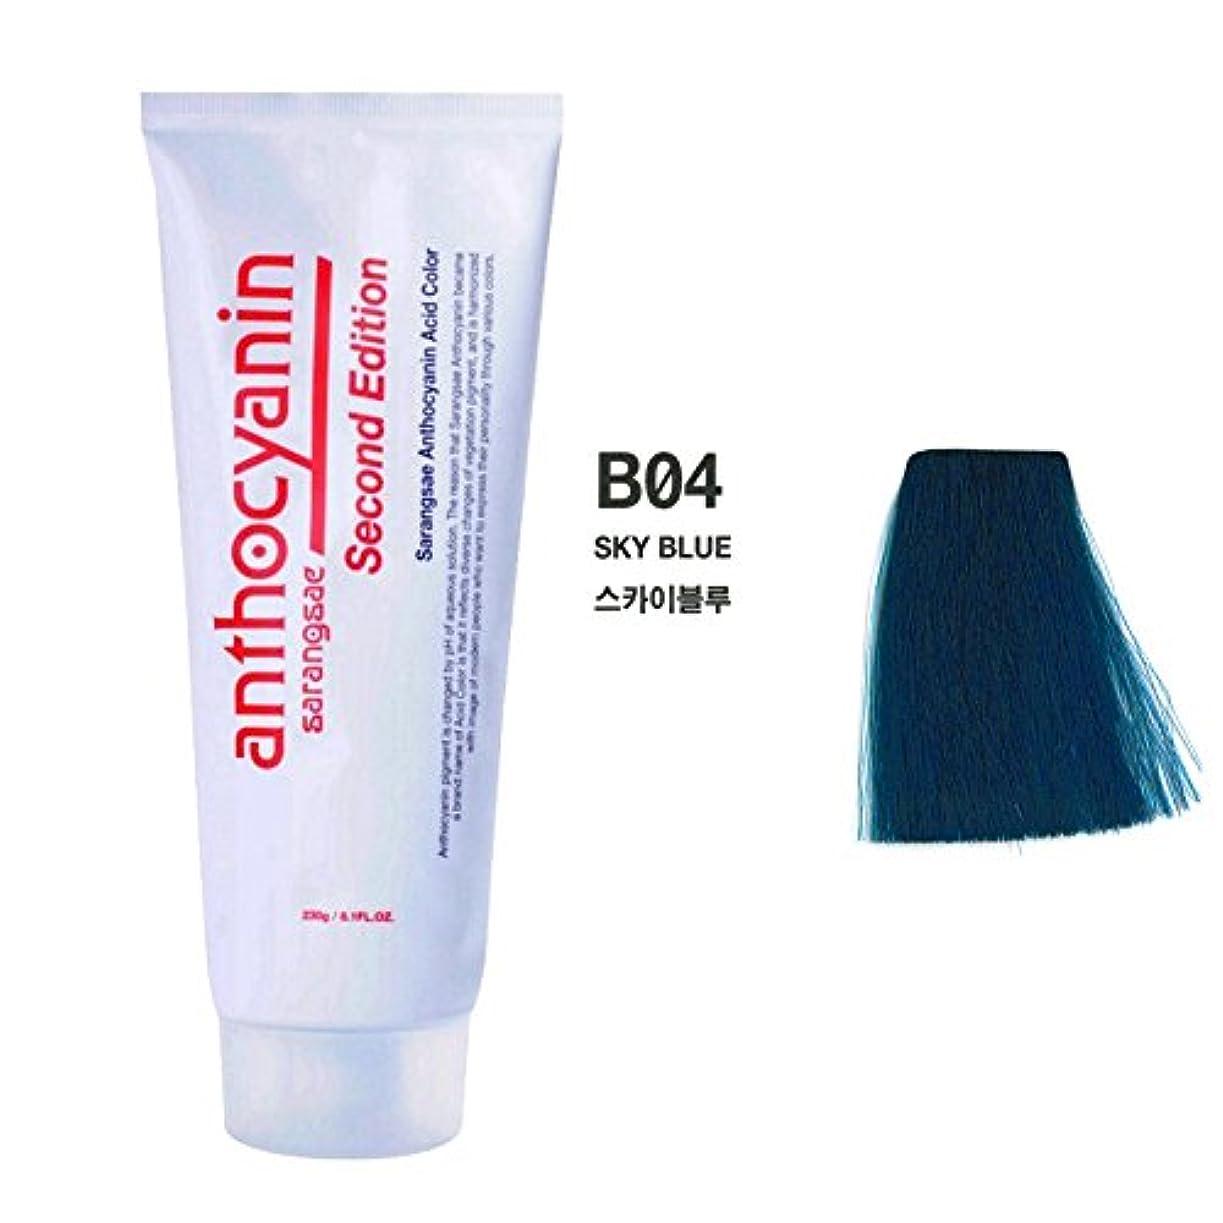 抑圧者鹿胚芽ヘア マニキュア カラー セカンド エディション 230g セミ パーマネント 染毛剤 (Hair Manicure Color Second Edition 230g Semi Permanent Hair Dye) [並行輸入品] (B04 Sky Blue)